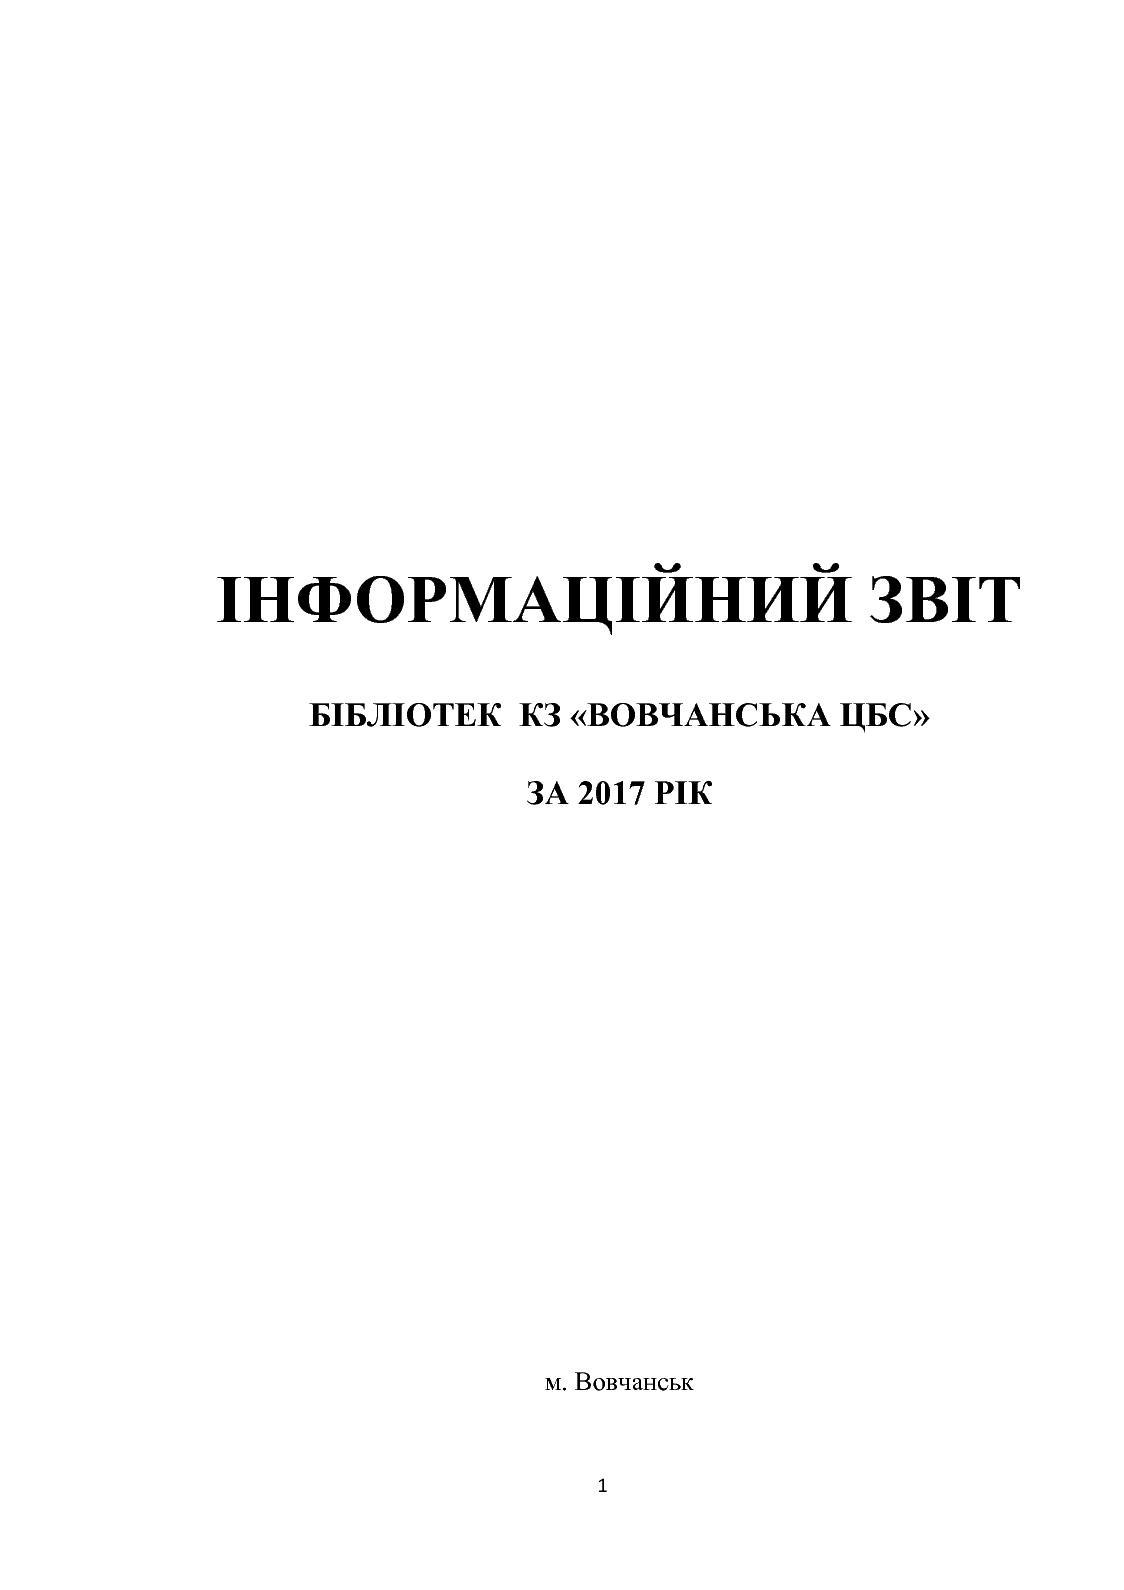 Інформаціний звіт бібліотек КЗ «Вовчанська ЦБС» за 2017 рік